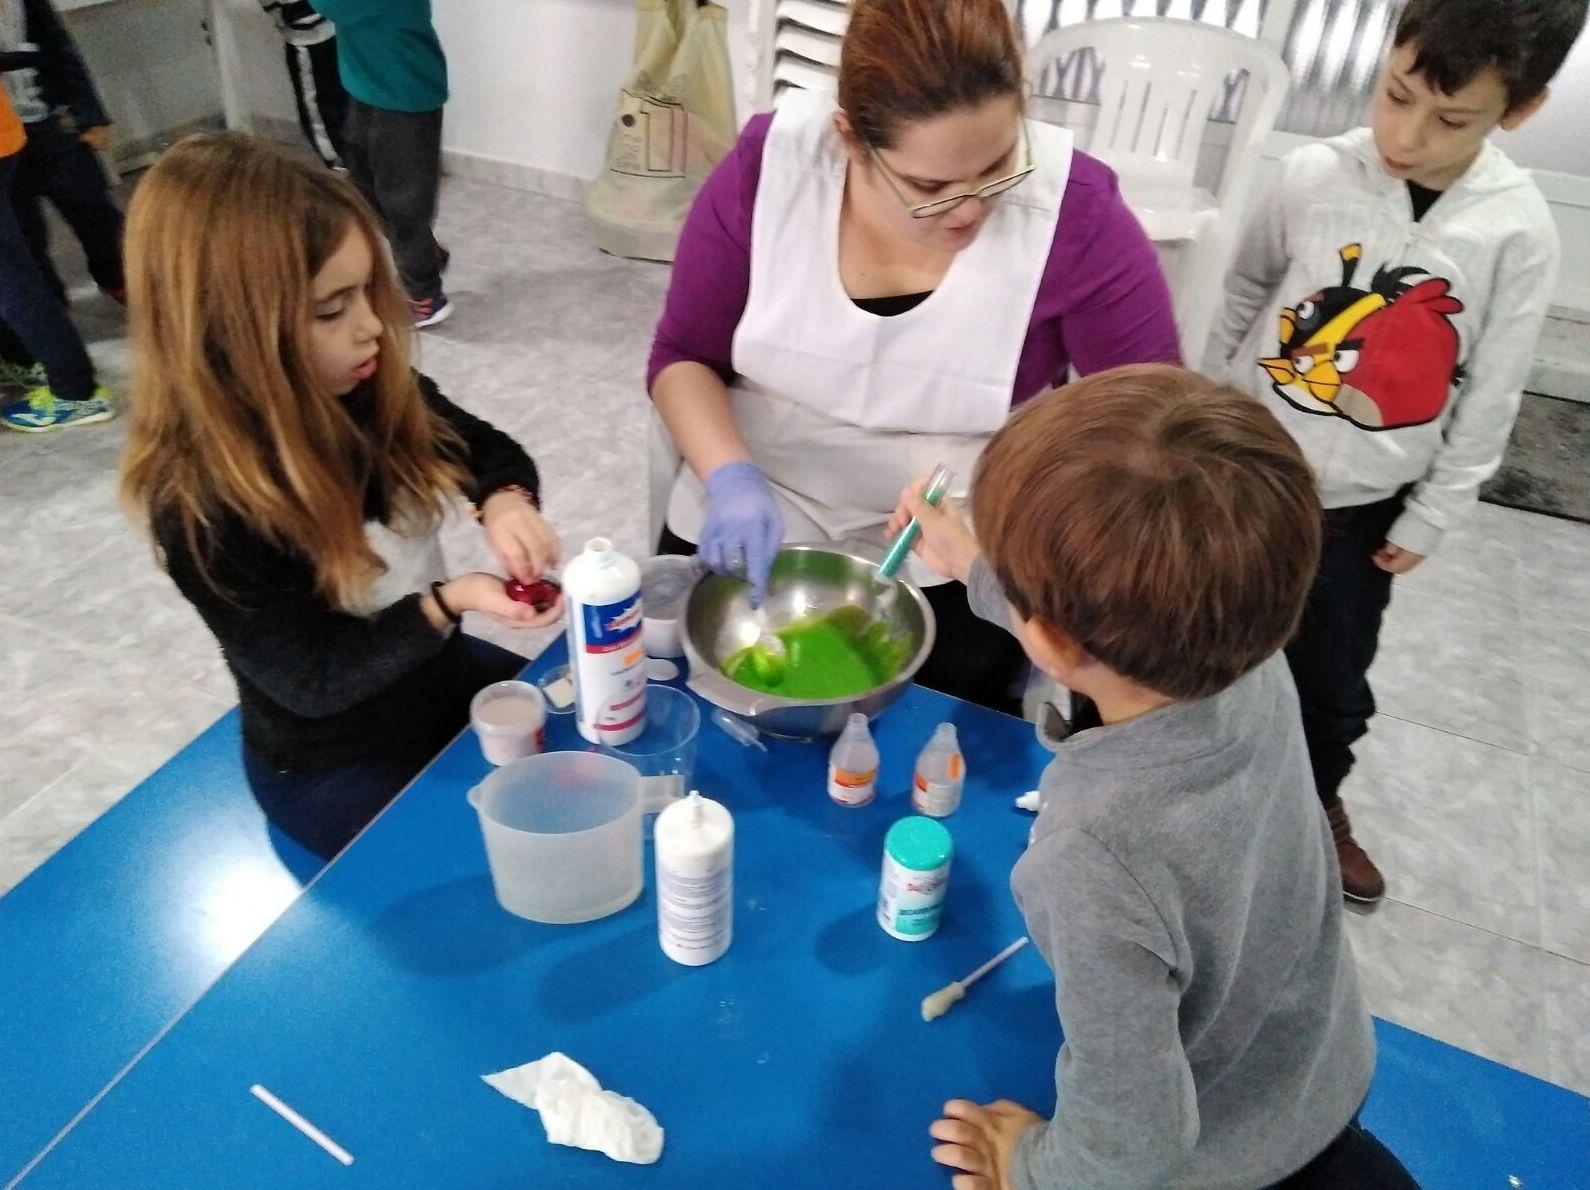 El viernes en el taller de alquimia de la sala cómo mola, los niños que vinieron al Taller Escuela hicieron slime, les pareció fascinante!